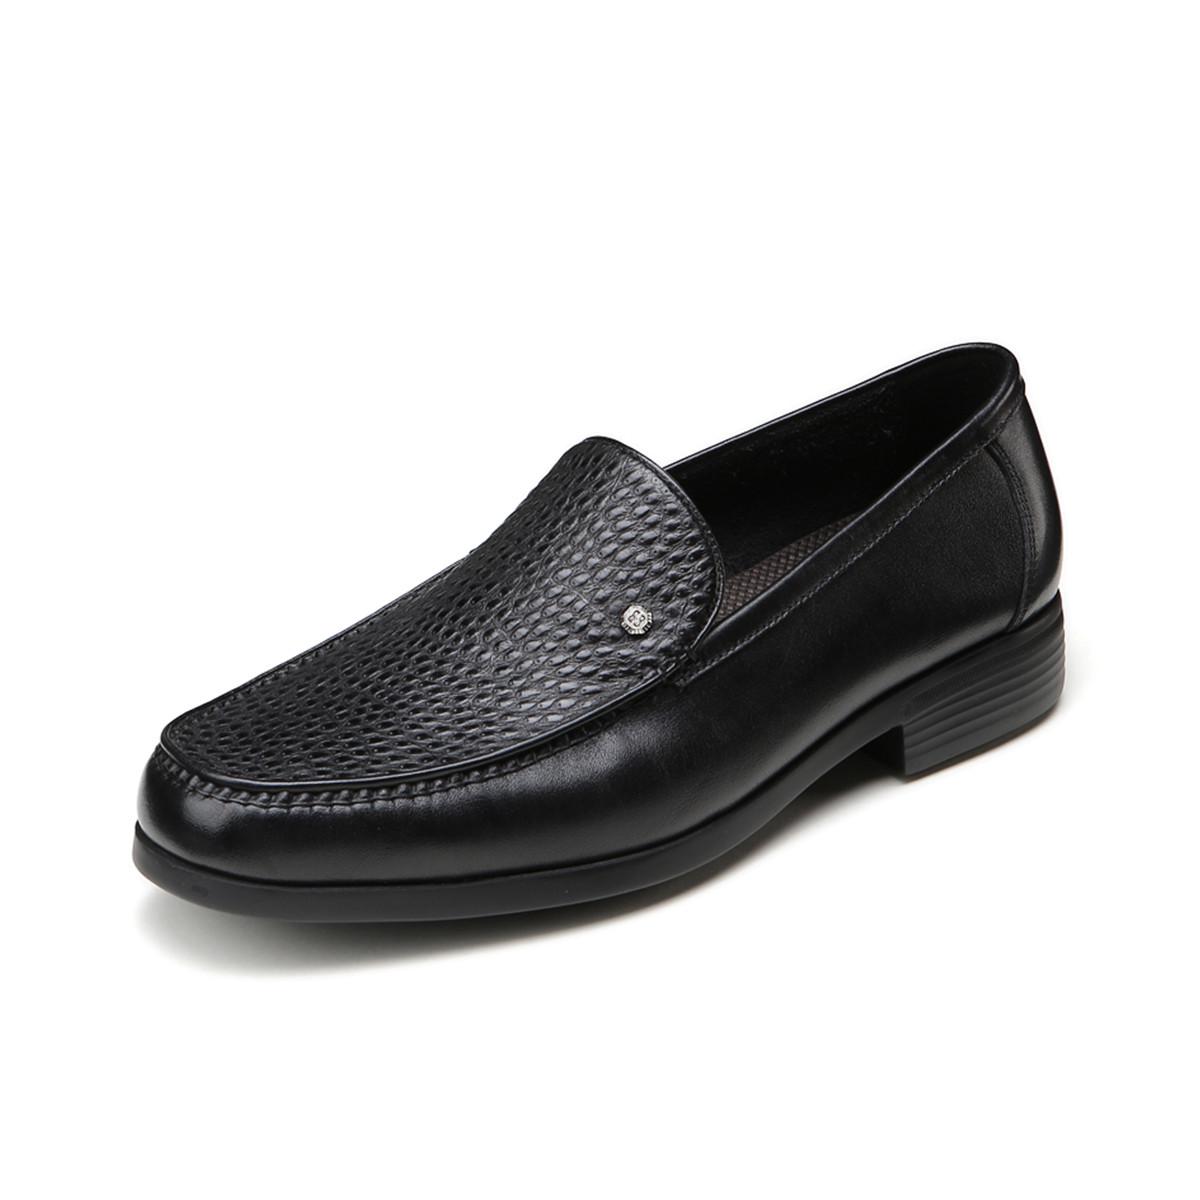 BOSSSUNWEN牛皮超轻男鞋一脚蹬男款男士商务皮鞋男皮鞋男鞋31811011457591